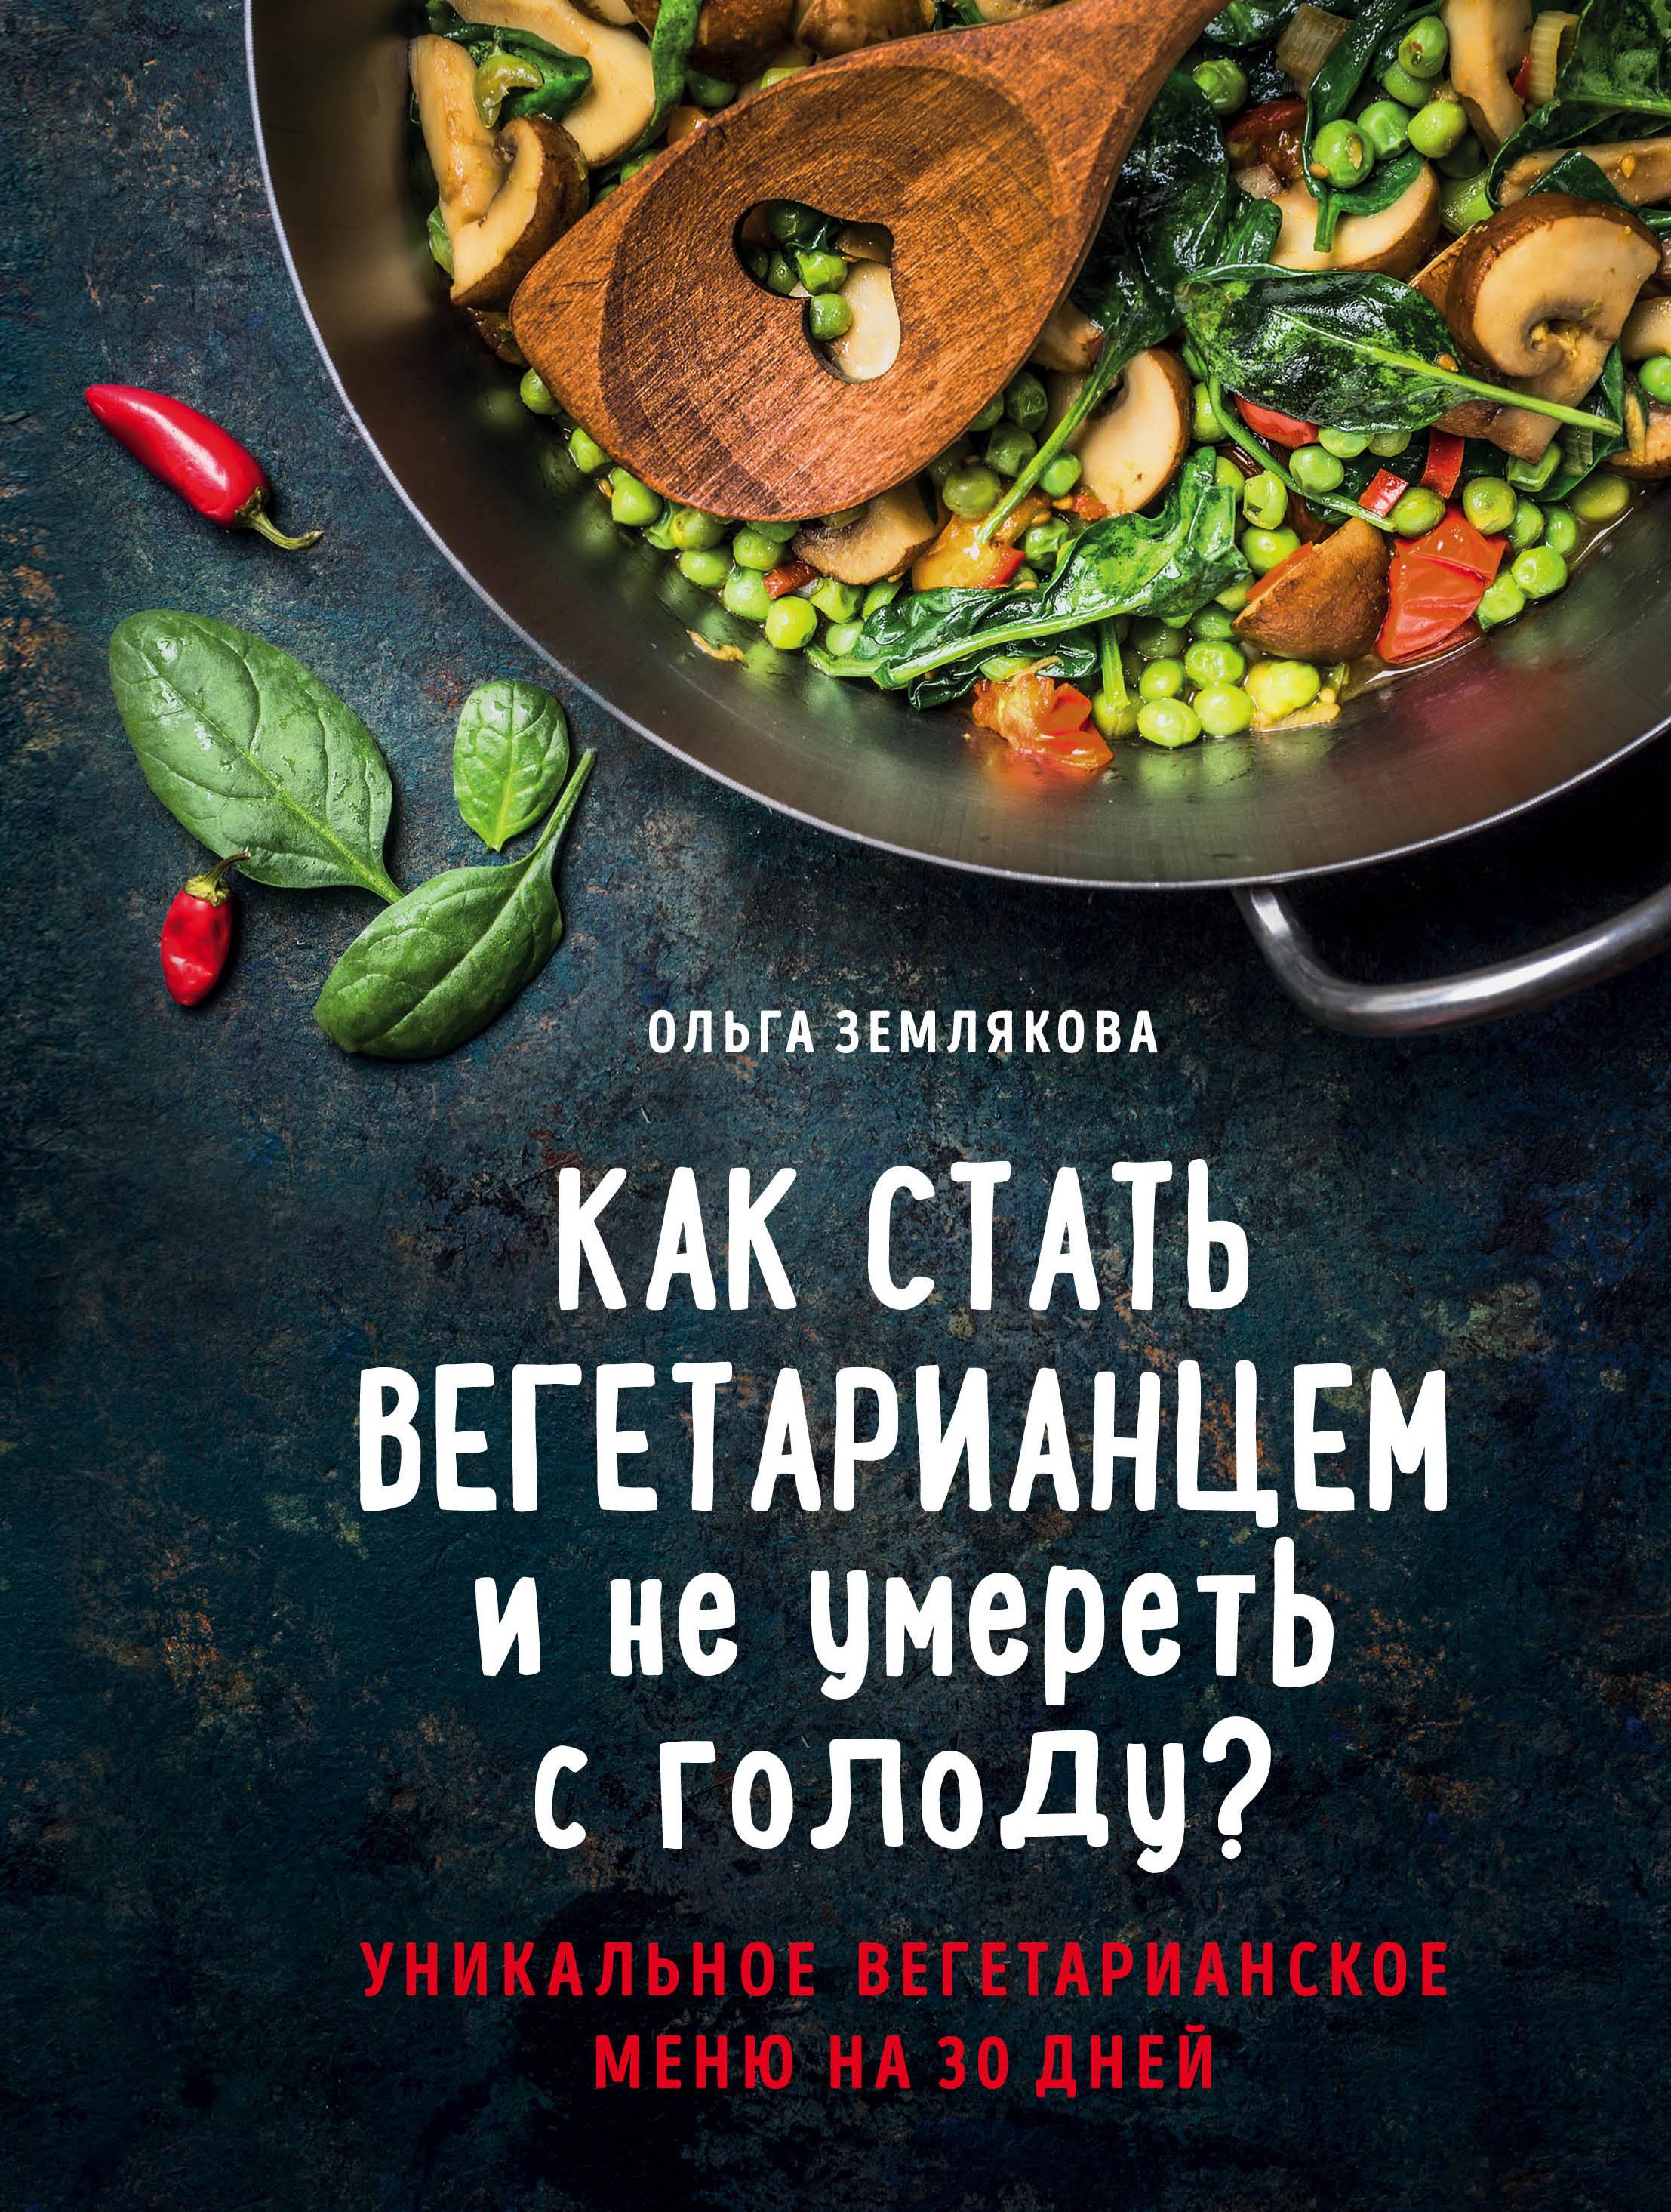 Ольга Землякова Как стать вегетарианцем и не умереть с голоду?